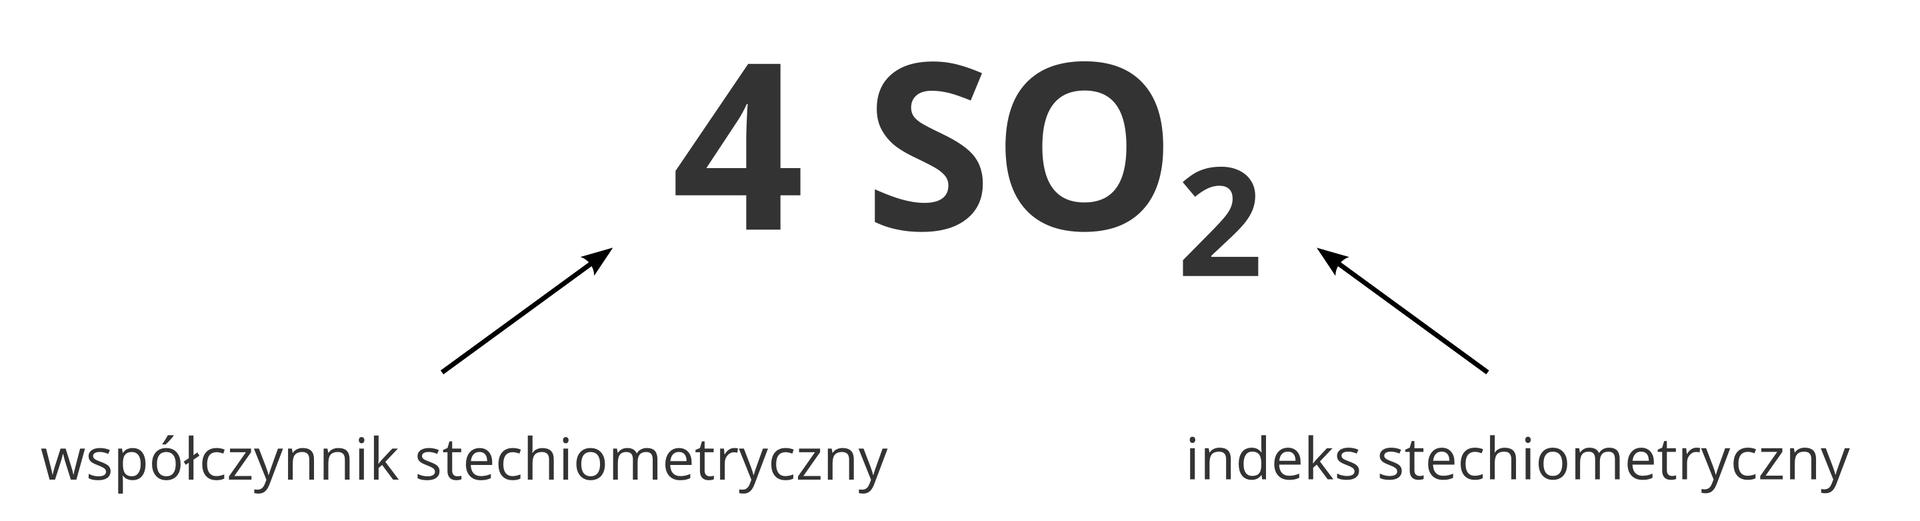 Ilustracja przedstawia klucz interpretacji zapisu chemicznego czterech cząsteczek dwutlenku siarki wzorem sumarycznym. Centralną część obrazka stanowi duży wzór 4SO2. Do liczby cztery na początku prowadzi strzałka zkomentarzem: Współczynnik stechiometryczny określa liczbę cząsteczek. Do liczby 2 za symbolem tlenu prowadzi strzałka zkomentarzem: Indeks stechiometryczny określa liczbę atomów wcząsteczce.